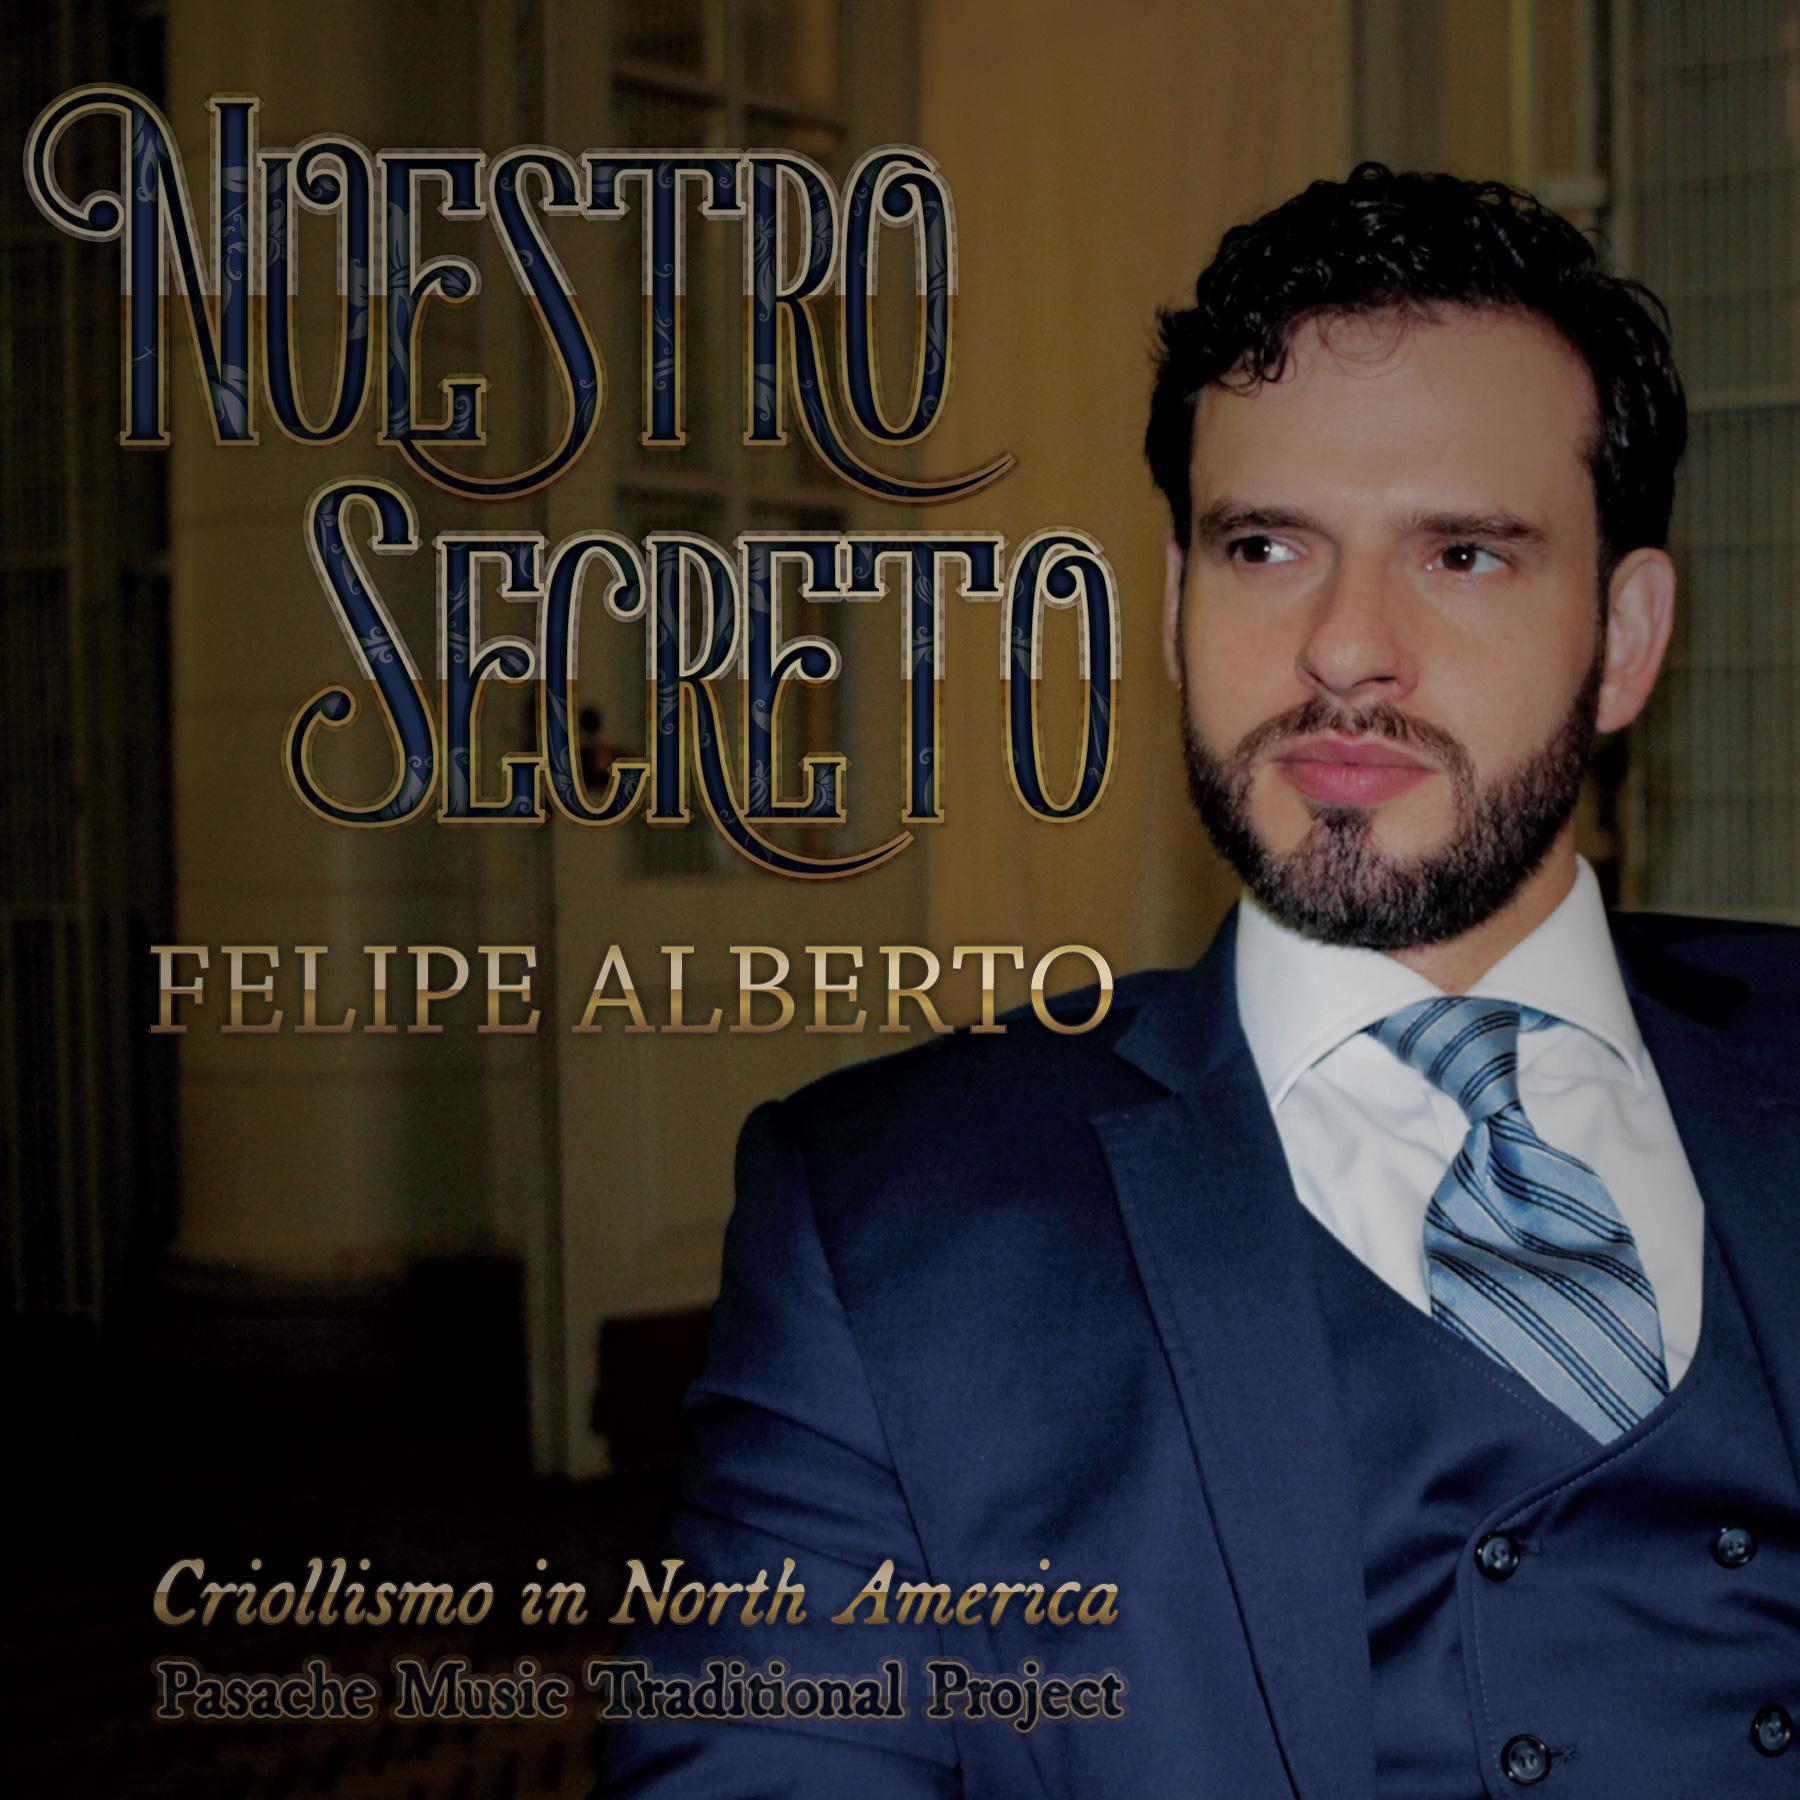 Felipe Alberto - Nuestro Secreto